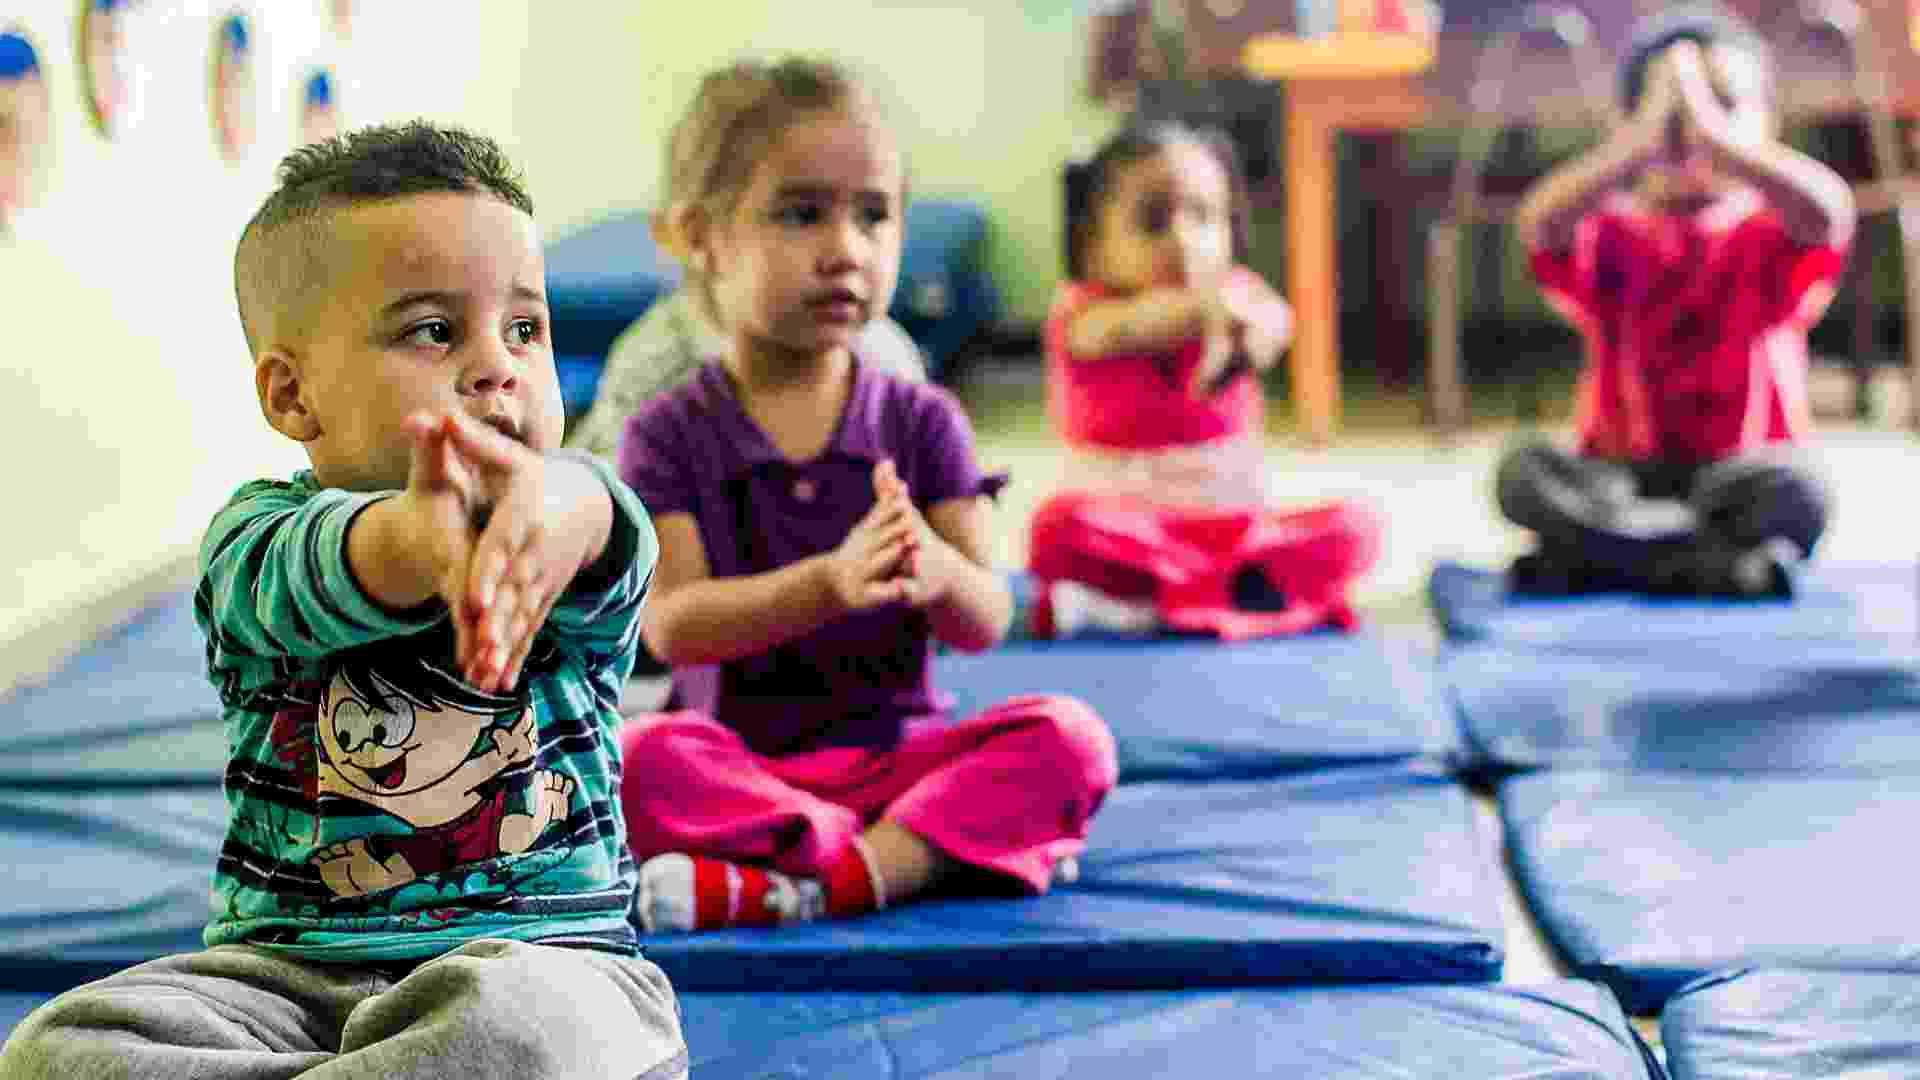 CEI Lar de Crianças Ananda Marga tem aula de yoga na zona norte de SP - Leonardo Soares/UOL